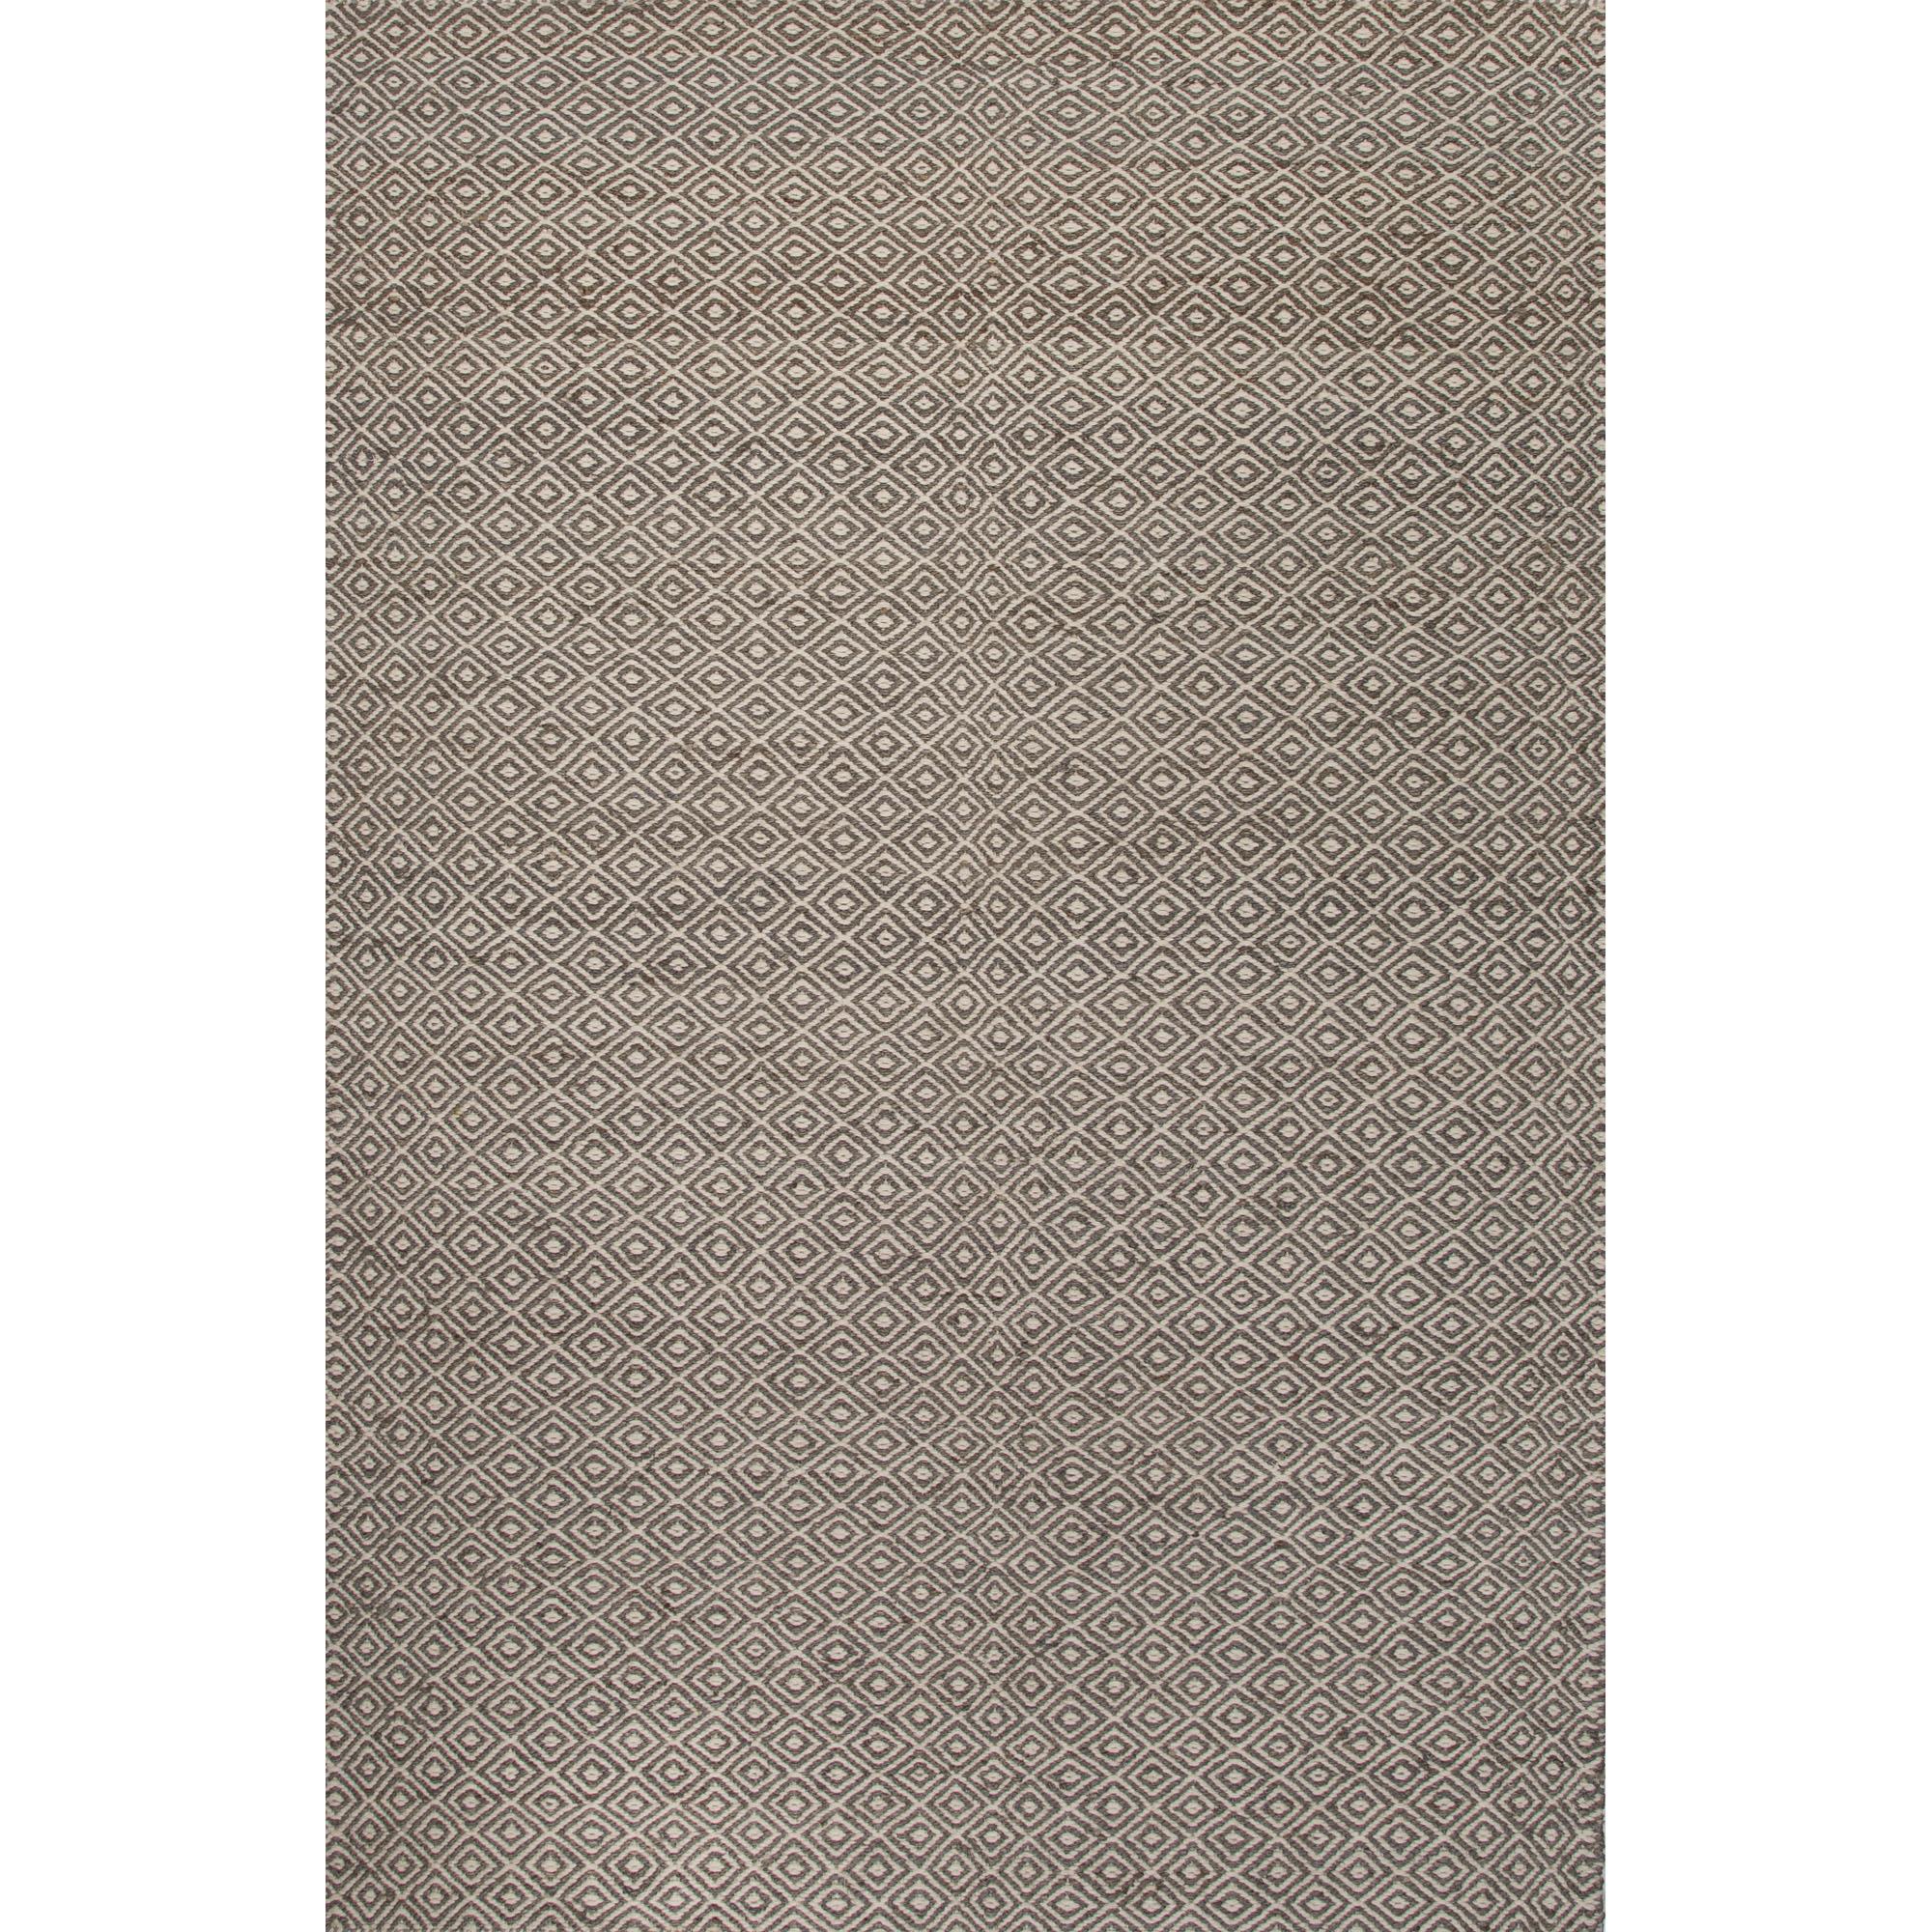 JAIPUR Rugs Naturals Ambary 8 x 10 Rug - Item Number: RUG114648